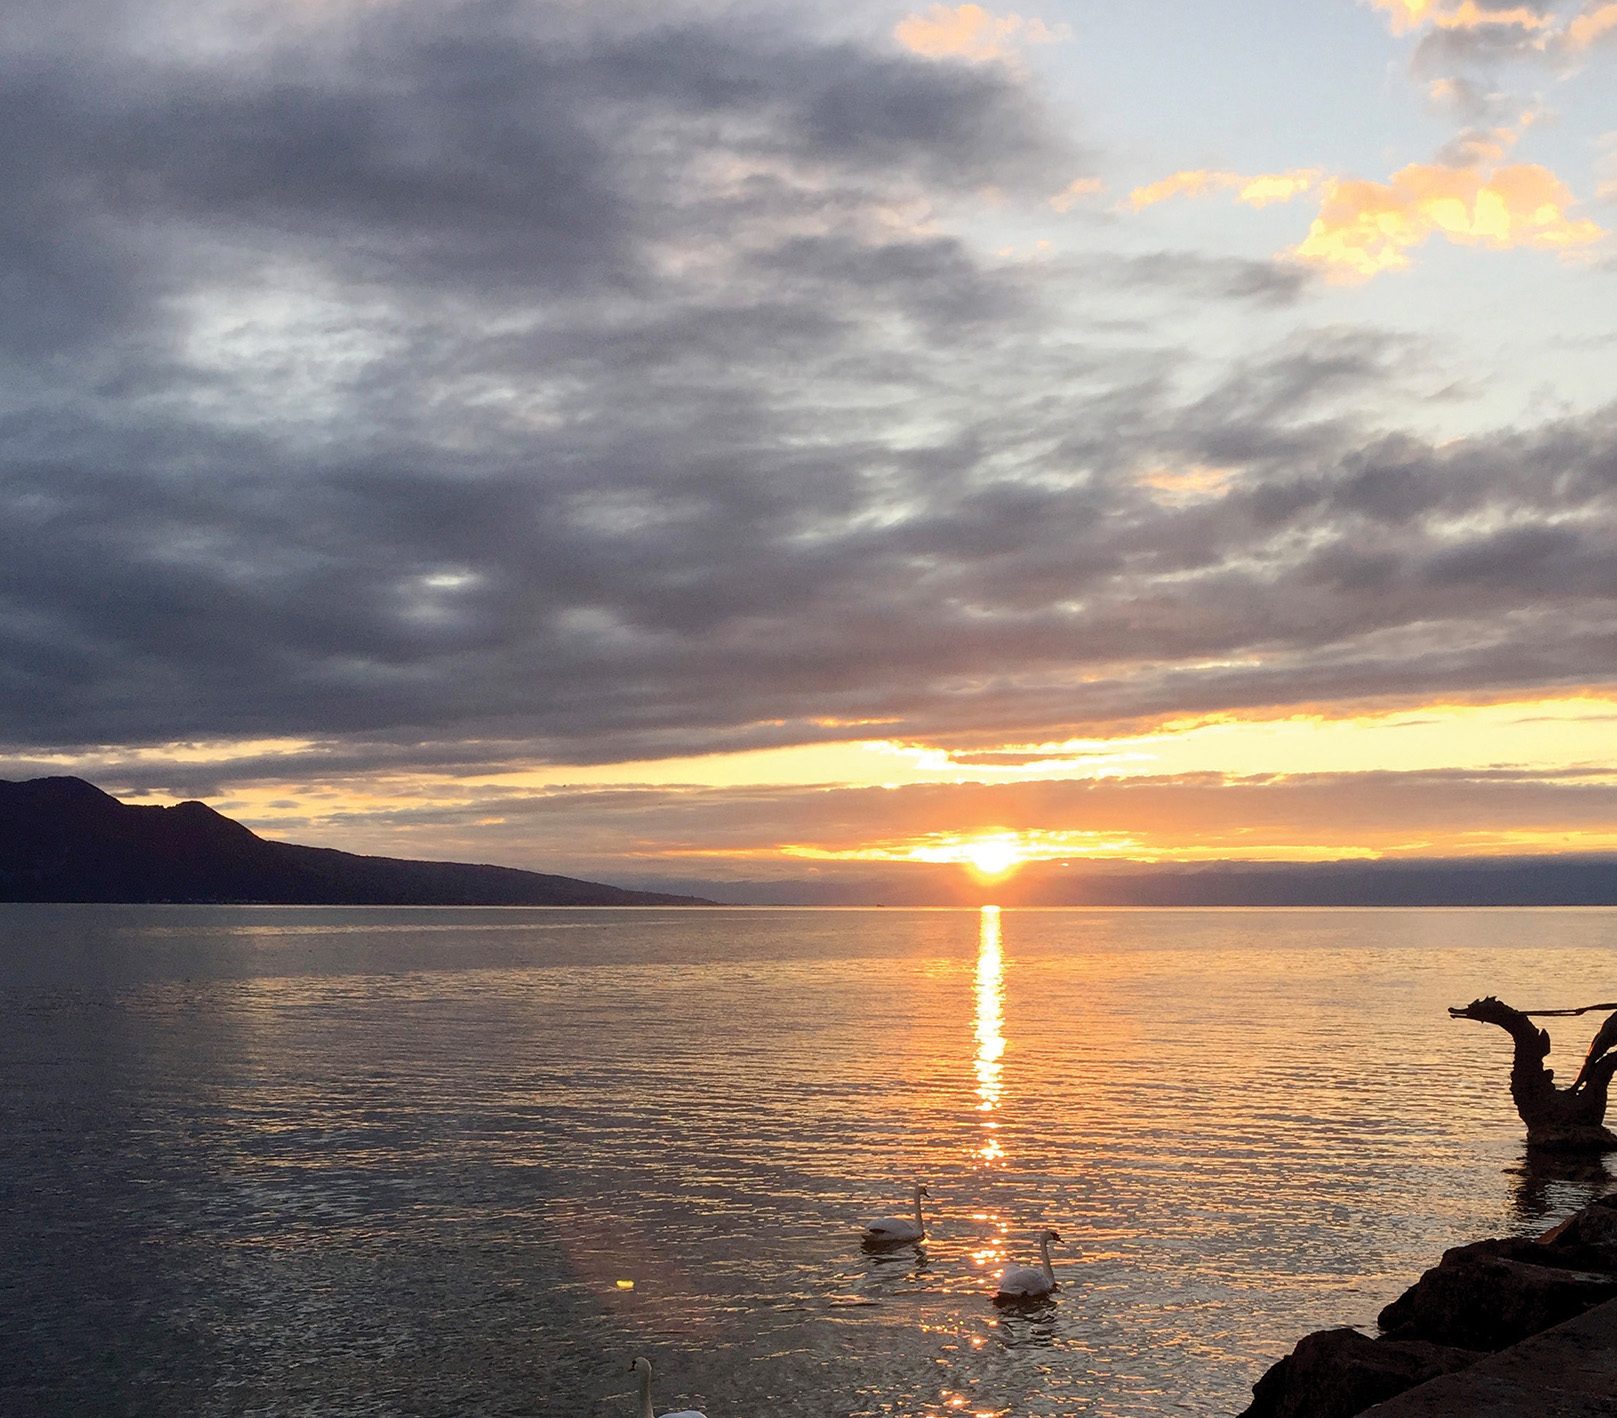 Lake Leman / Lake Geneva at sunset, complete with swans – not unlike Lake Ontario.